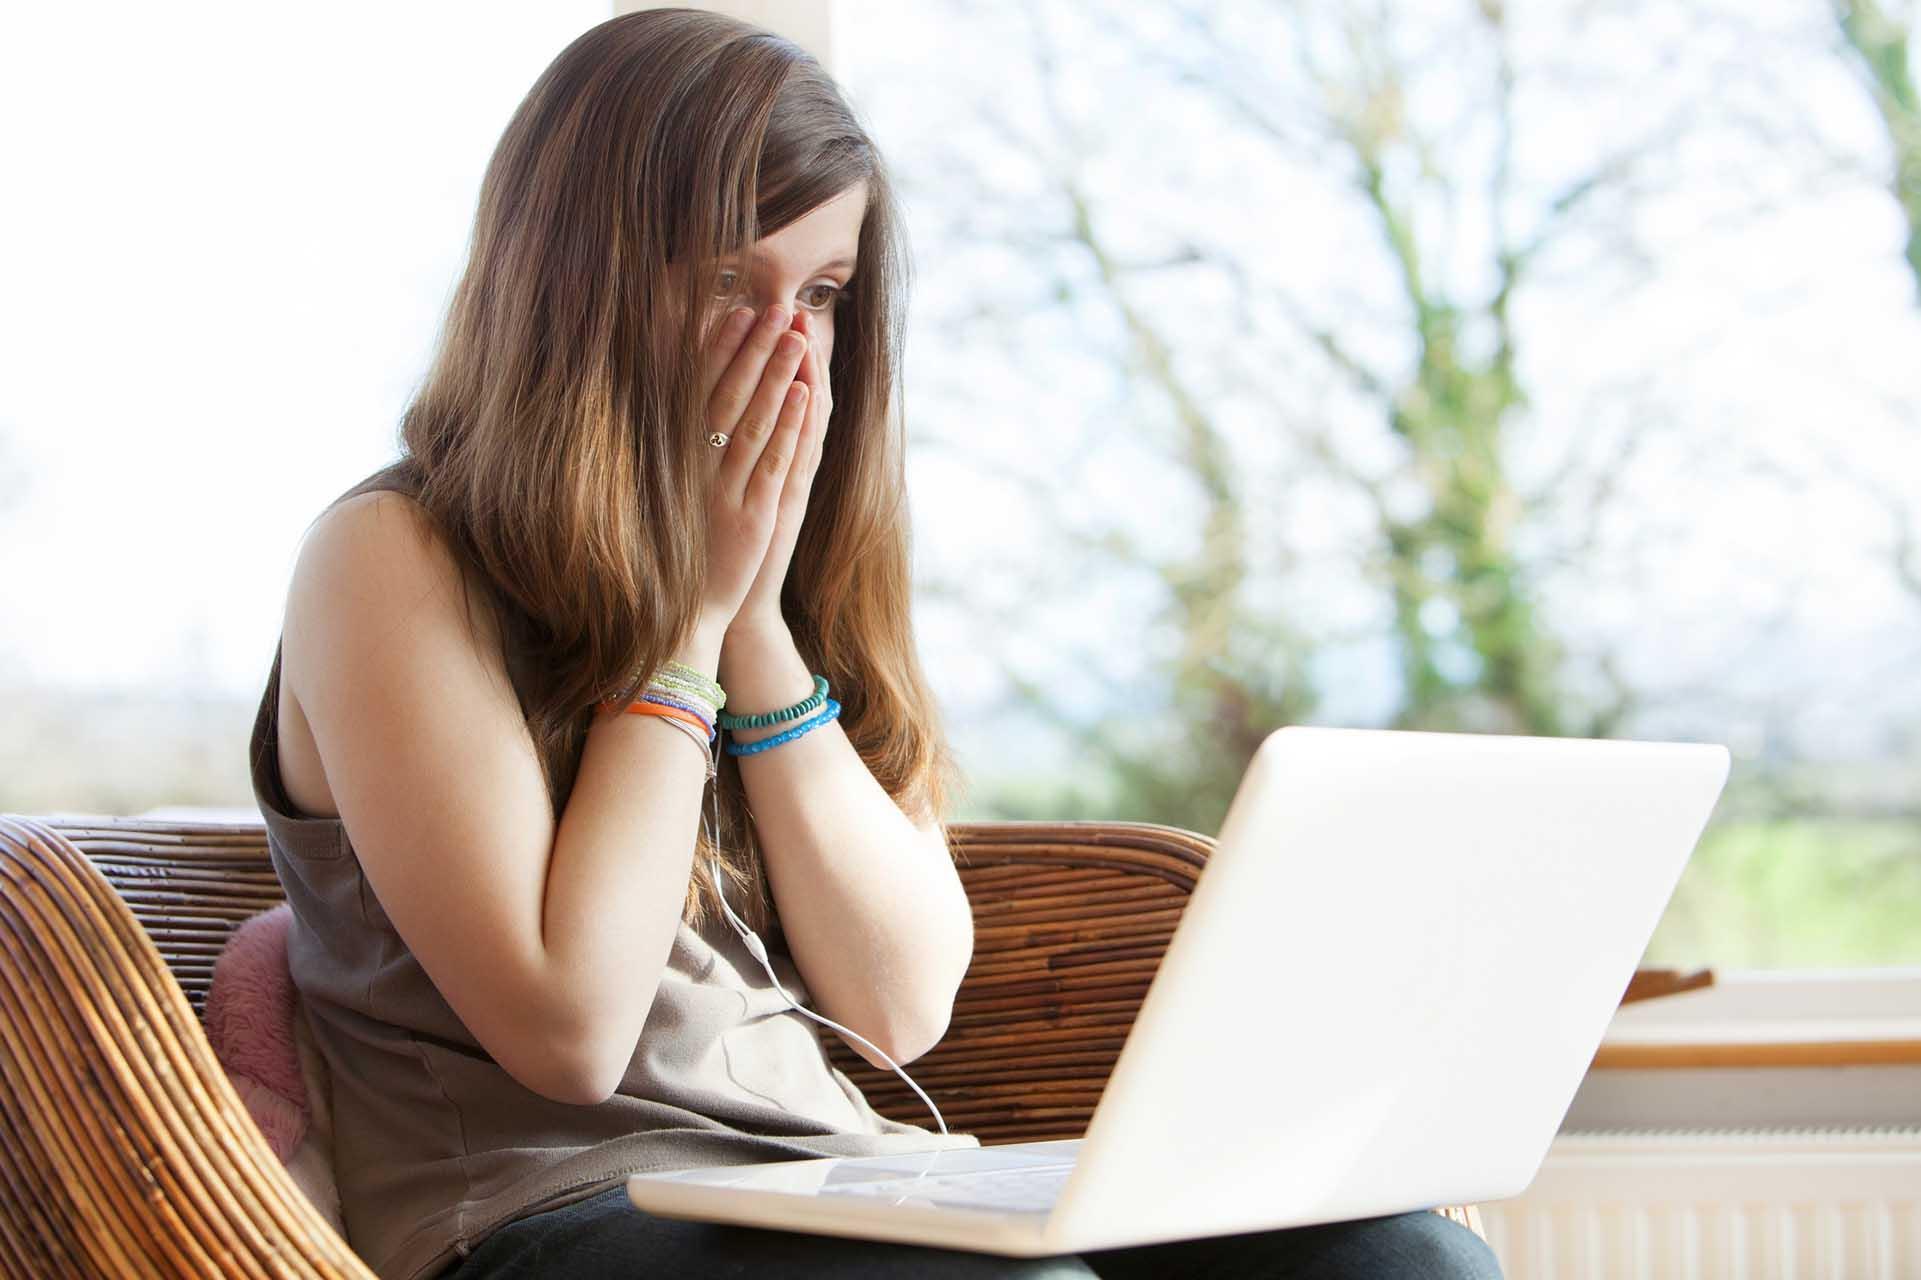 10 Common Social Media Marketing Mistakes to Avoid